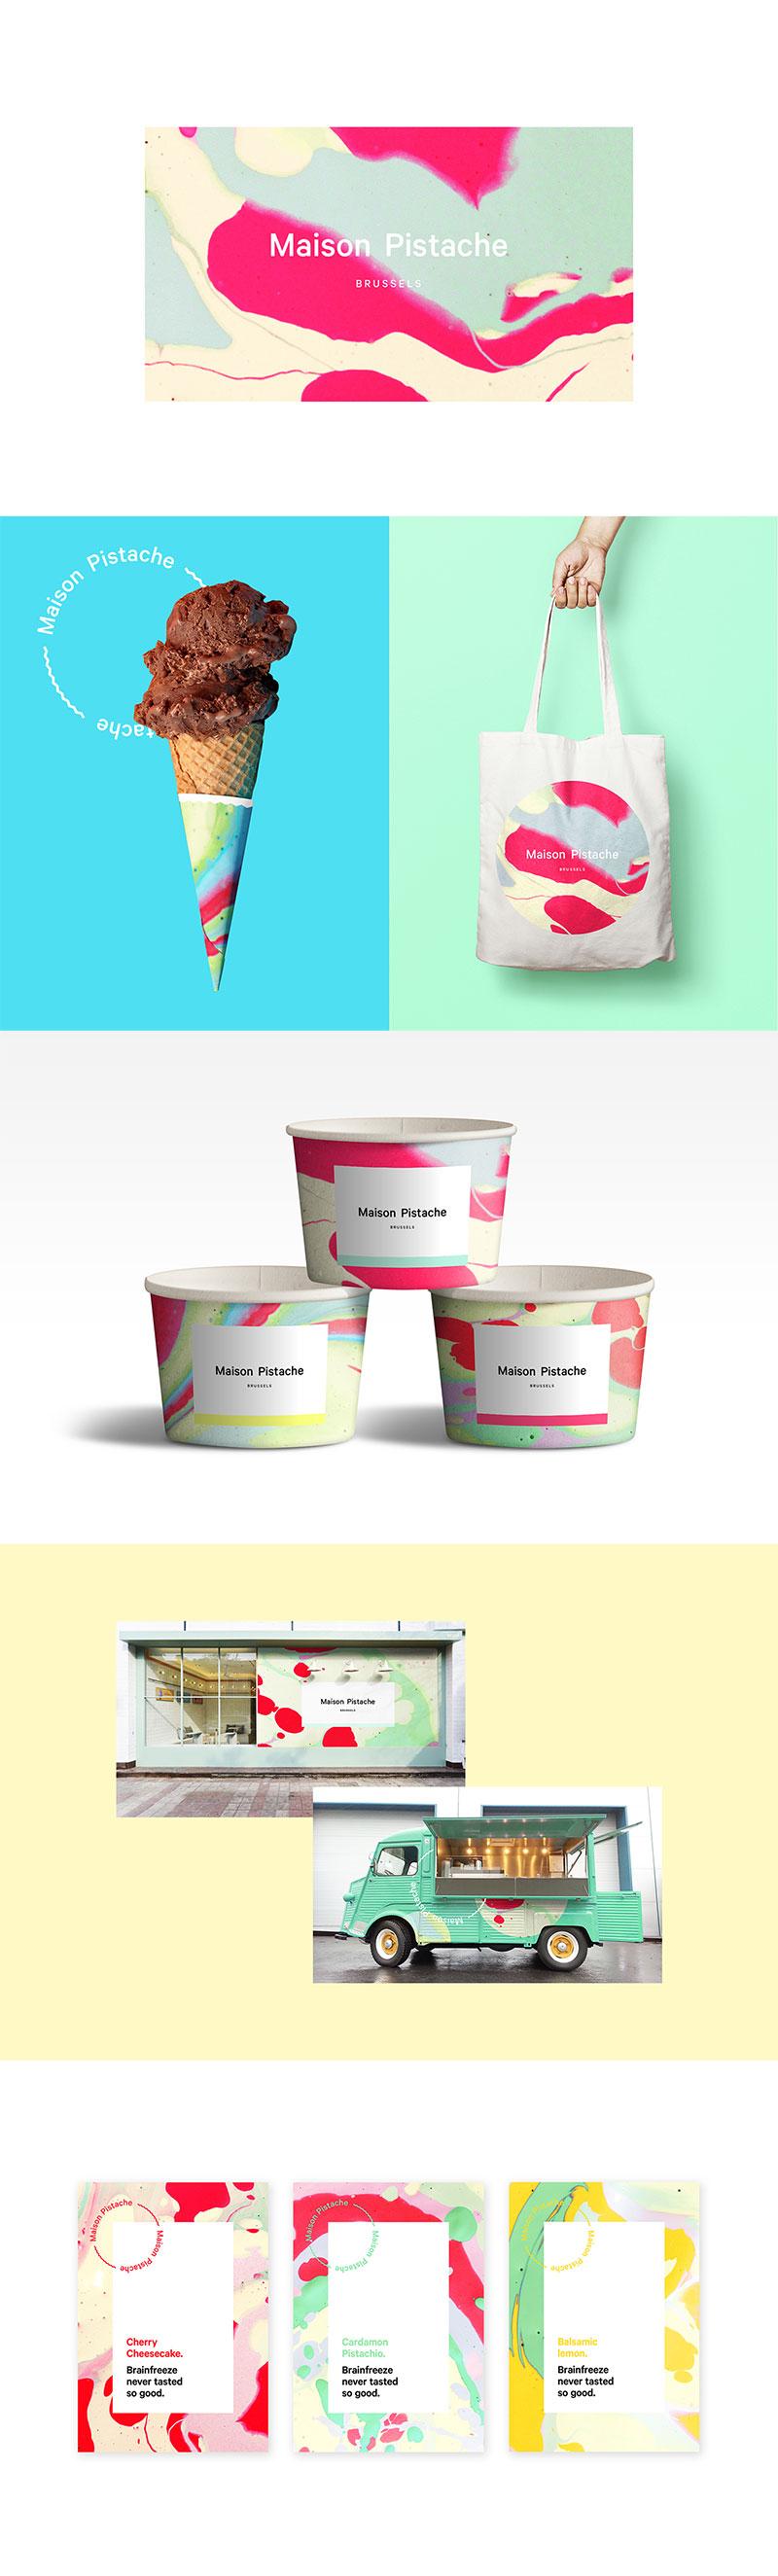 Envasado de helados - Maison Pistache